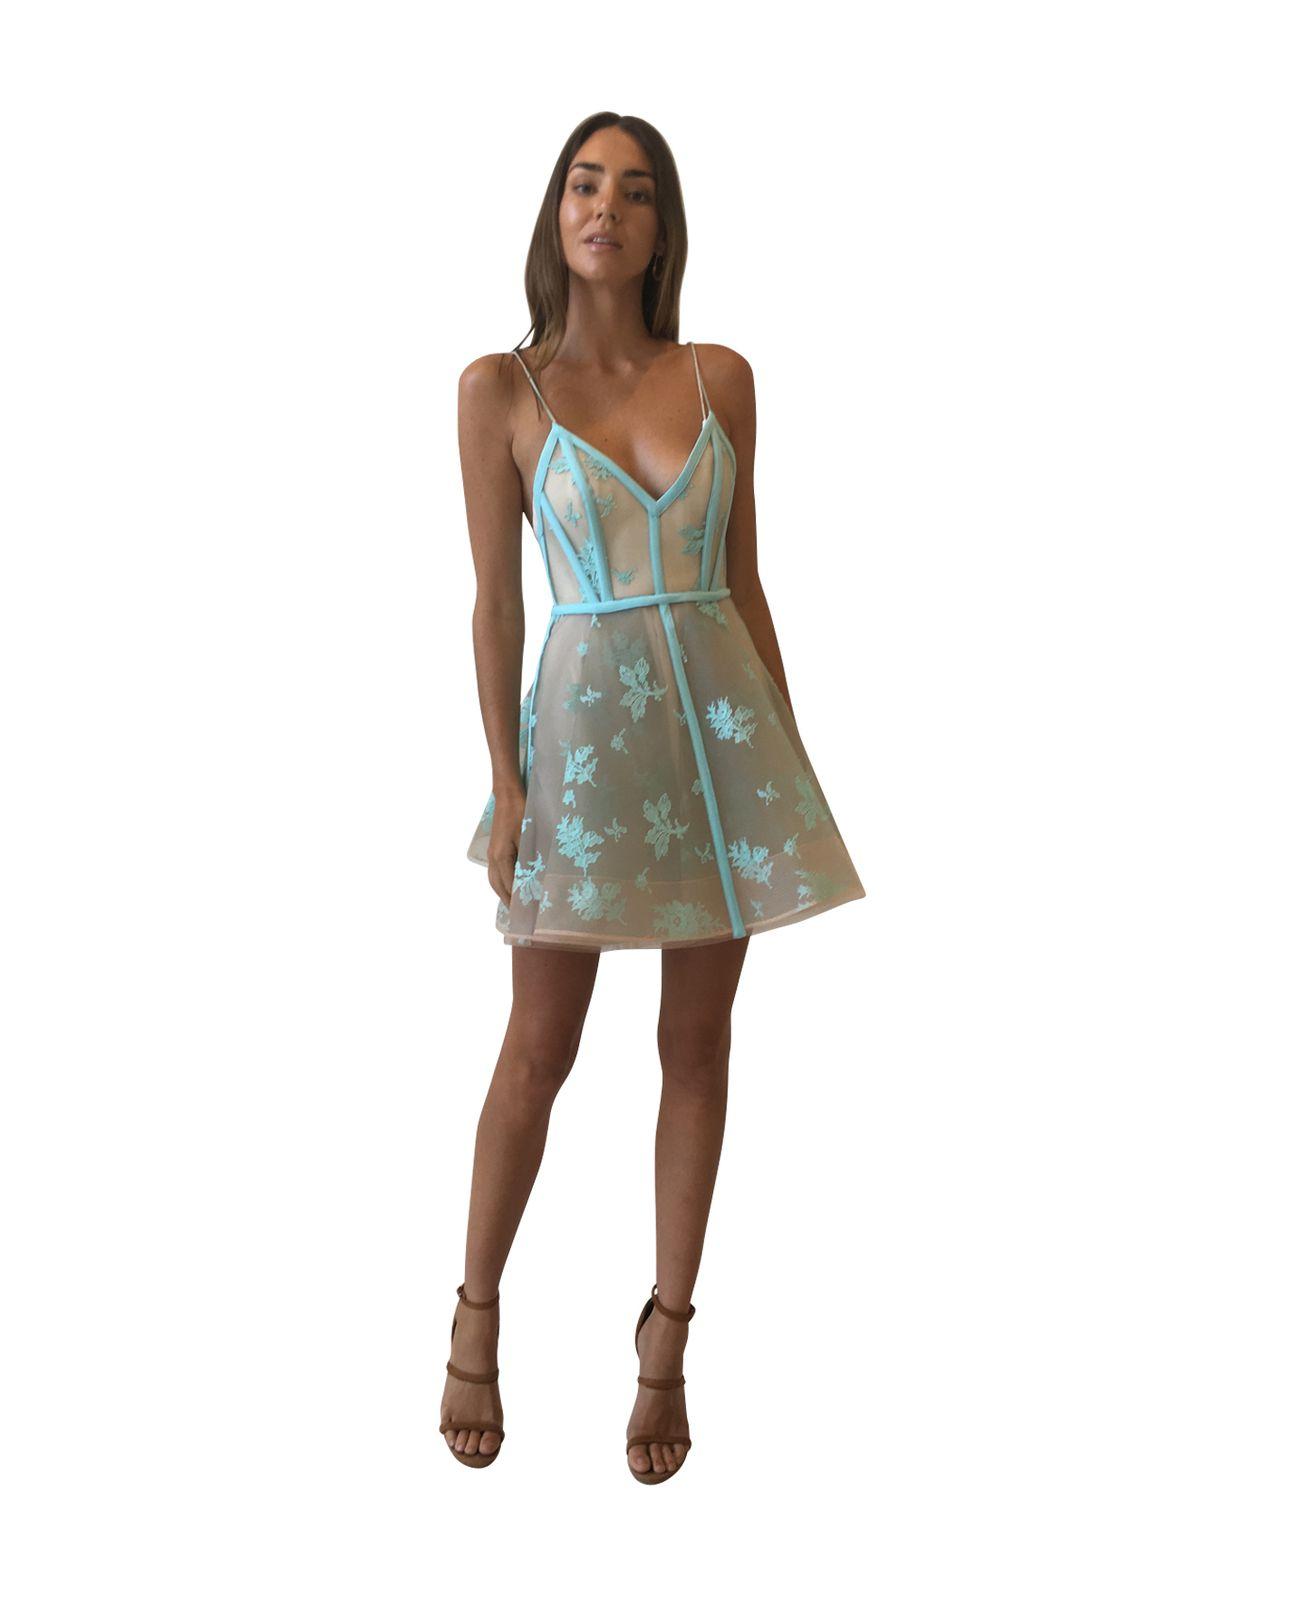 22749700fbd1 Alex Perry Codie Lace Crinoline Bikini Mini Dress with Slip in Aqua - Alex  Perry